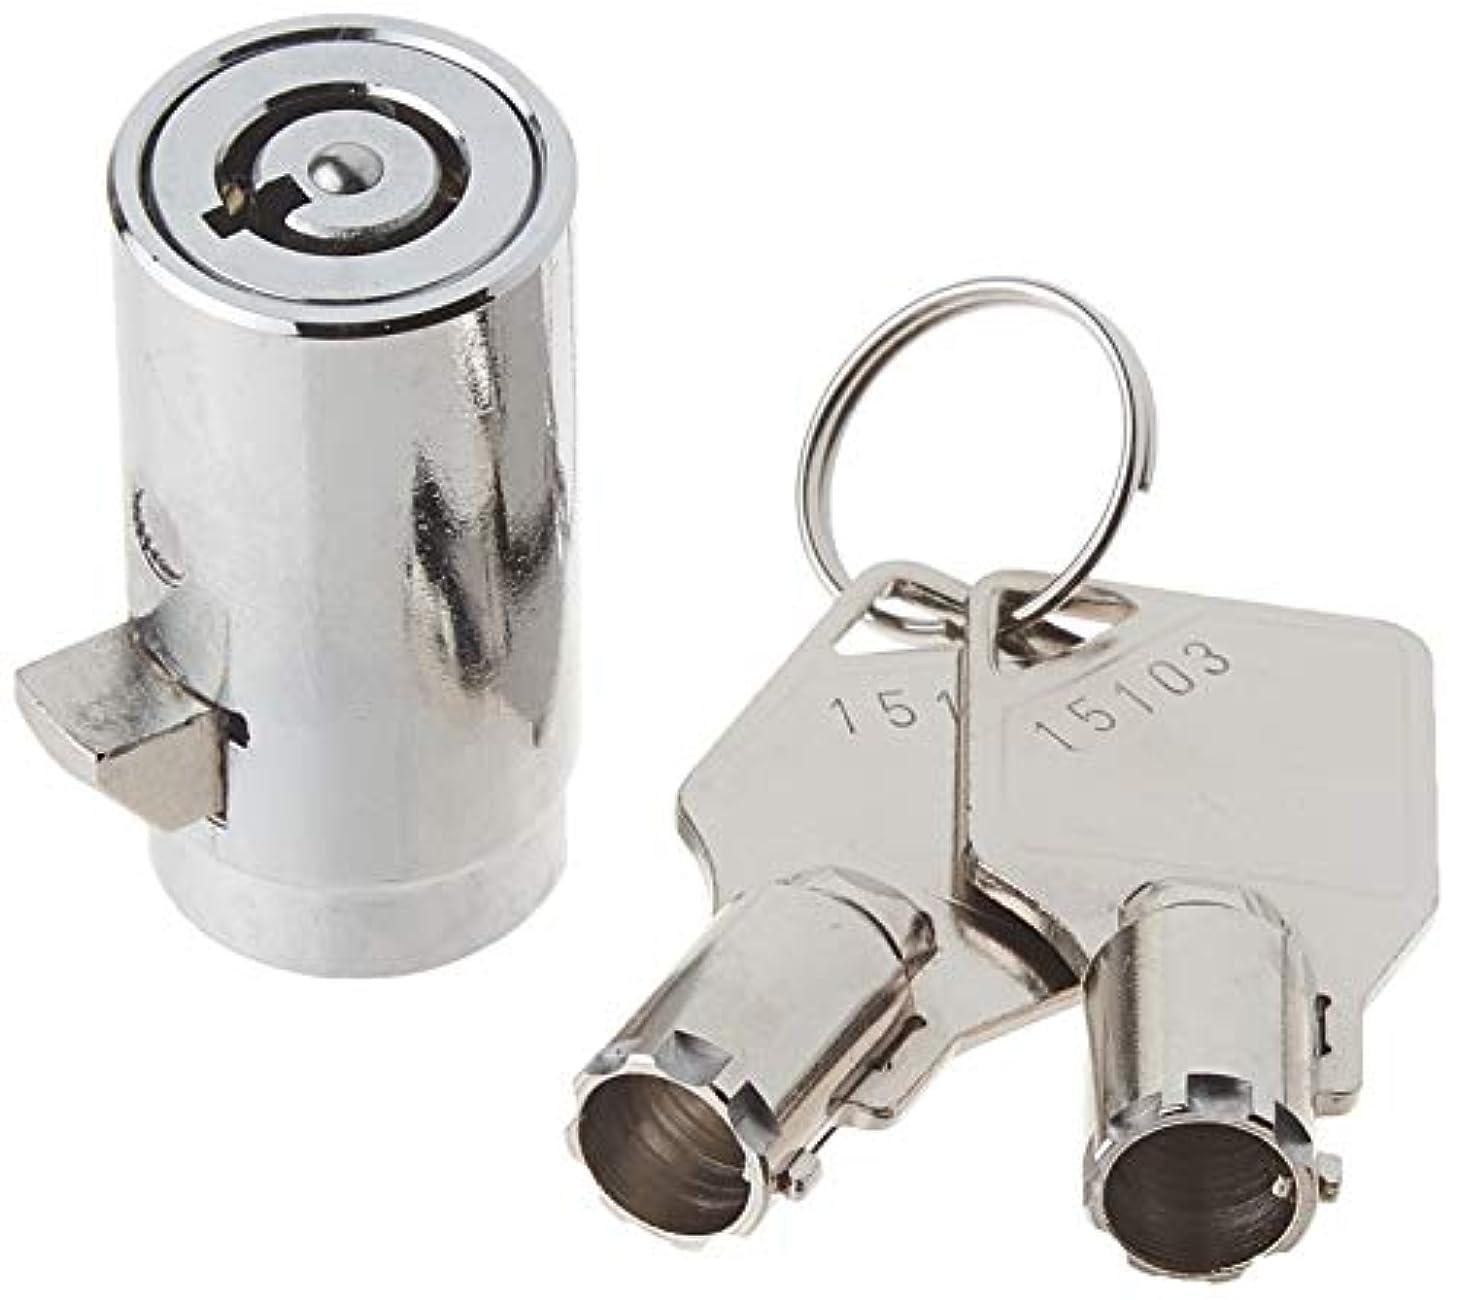 FJM Security 2501B-KA Tubular Vending Machine Lock with Chrome Finish, Keyed Alike